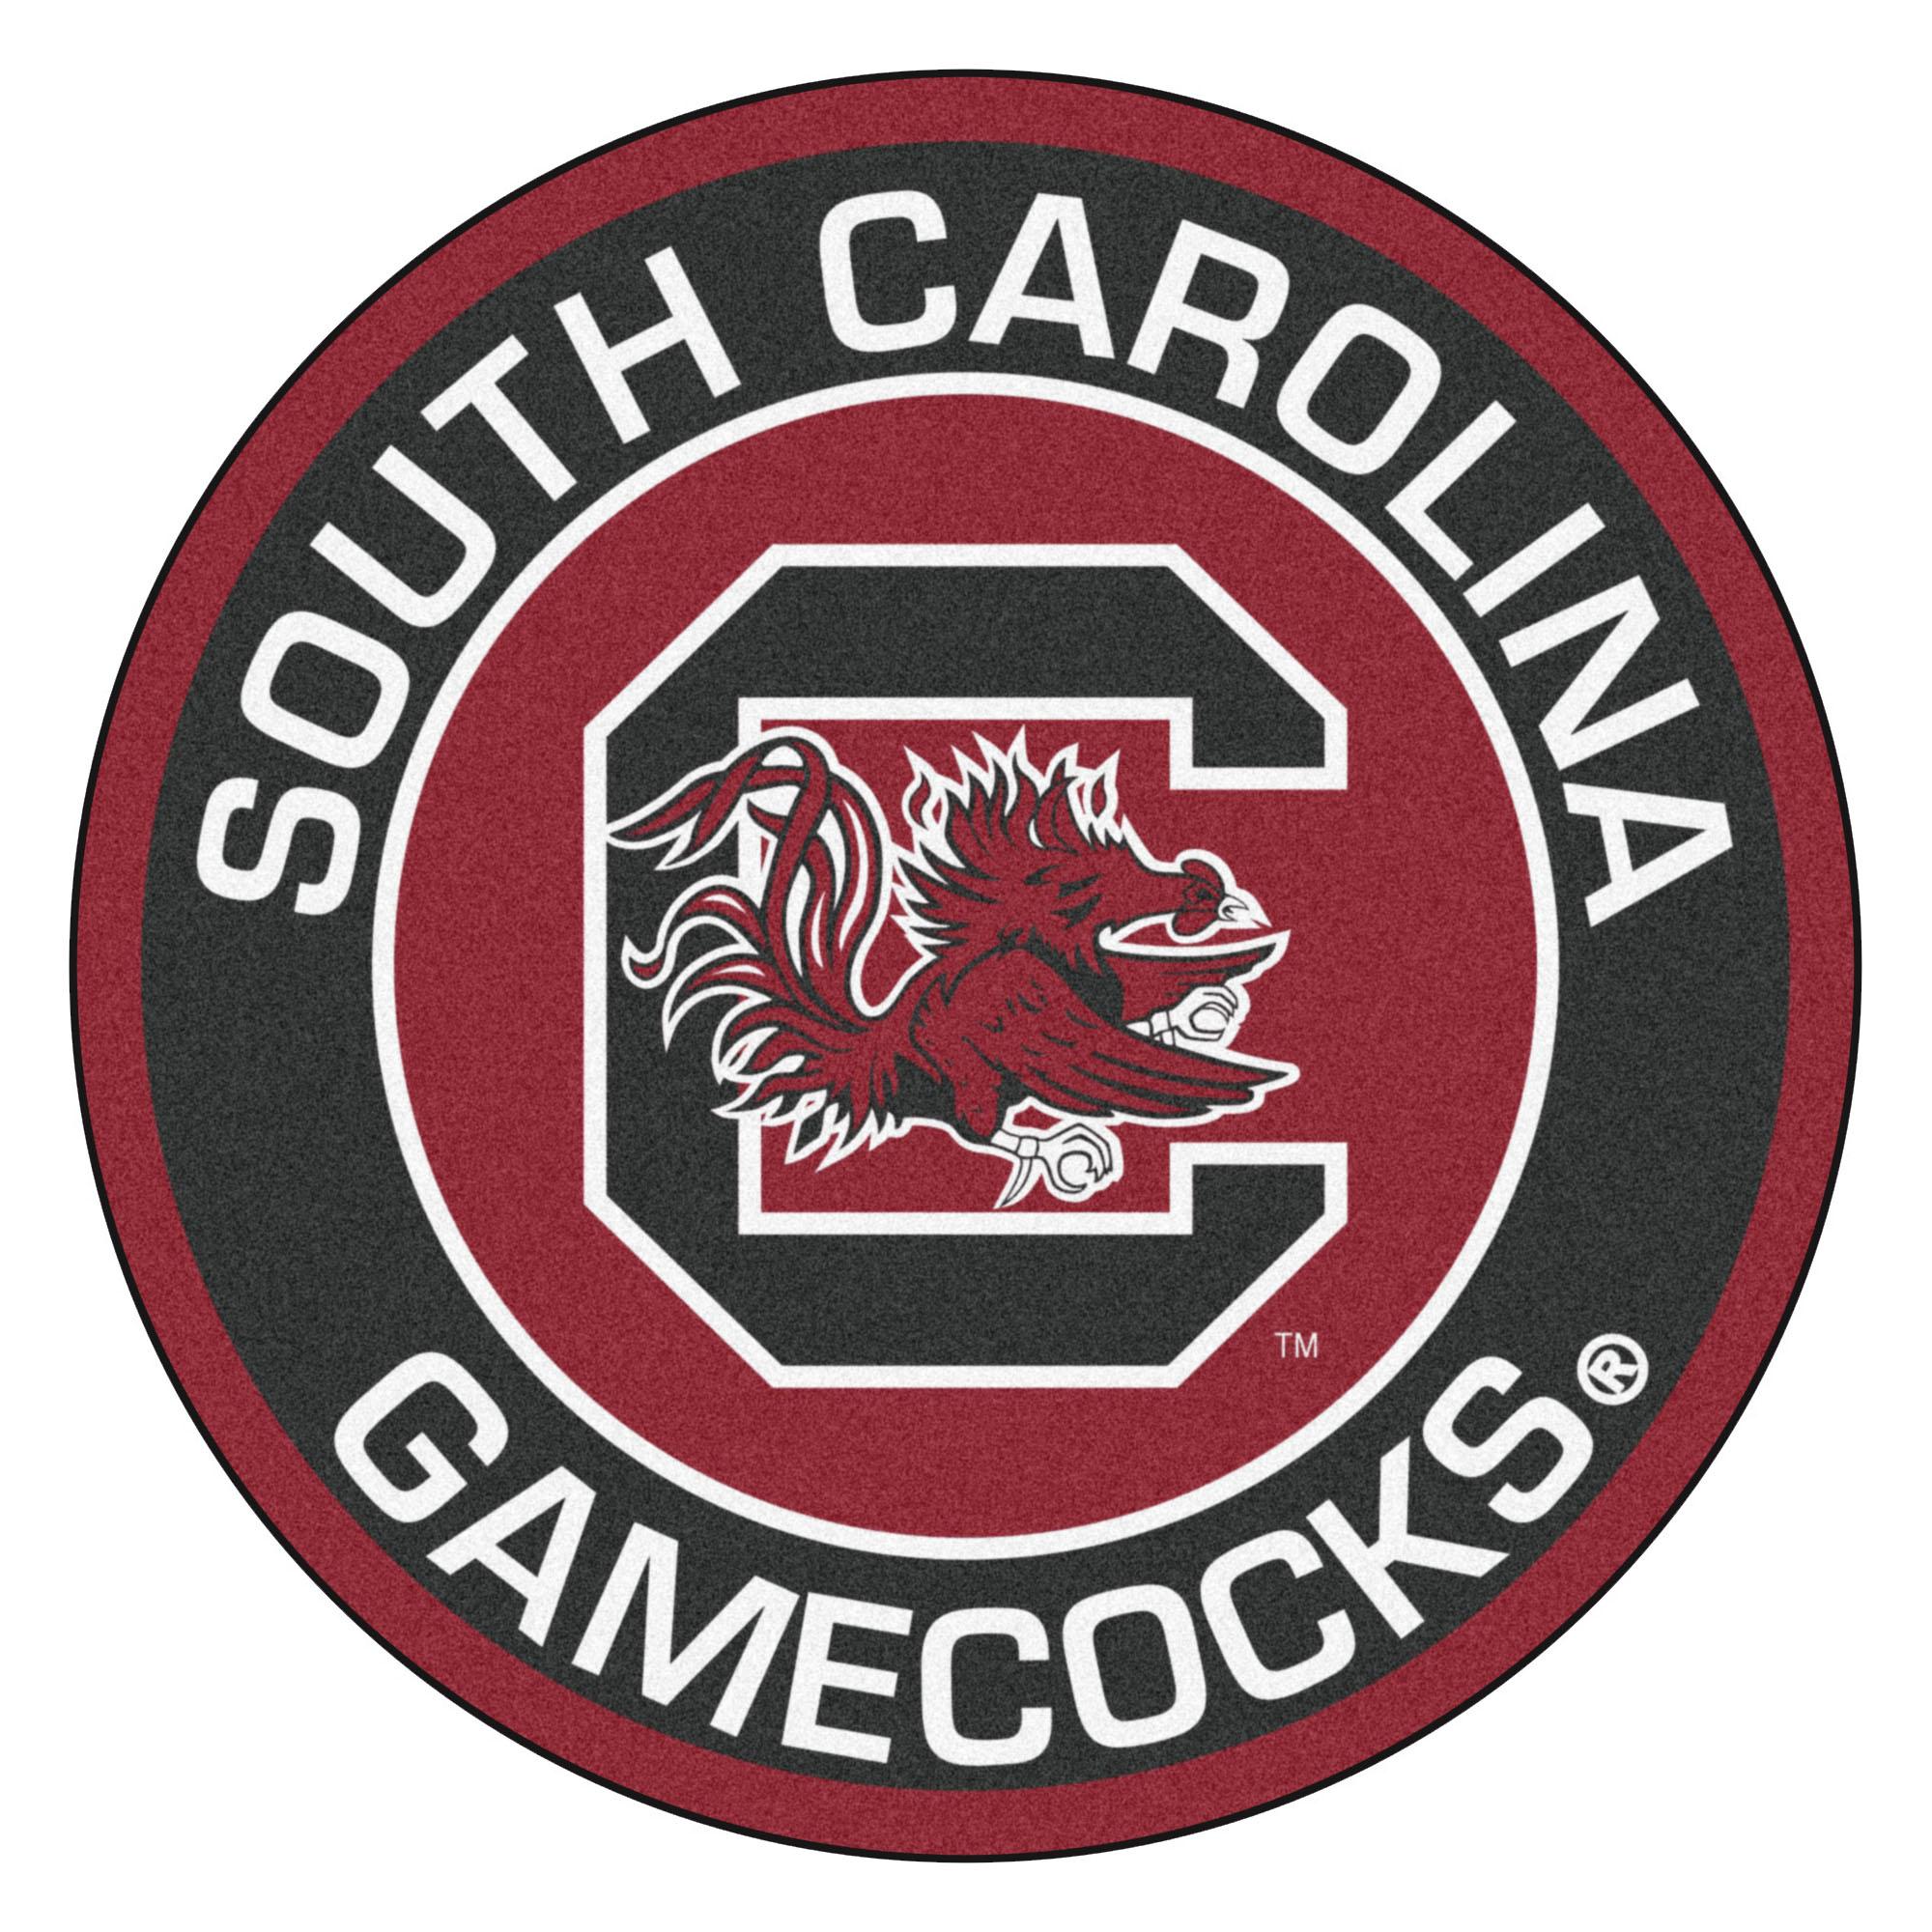 university-of-south-carolina-gamecocks-roundel-27inch-round-area-rug.jpg